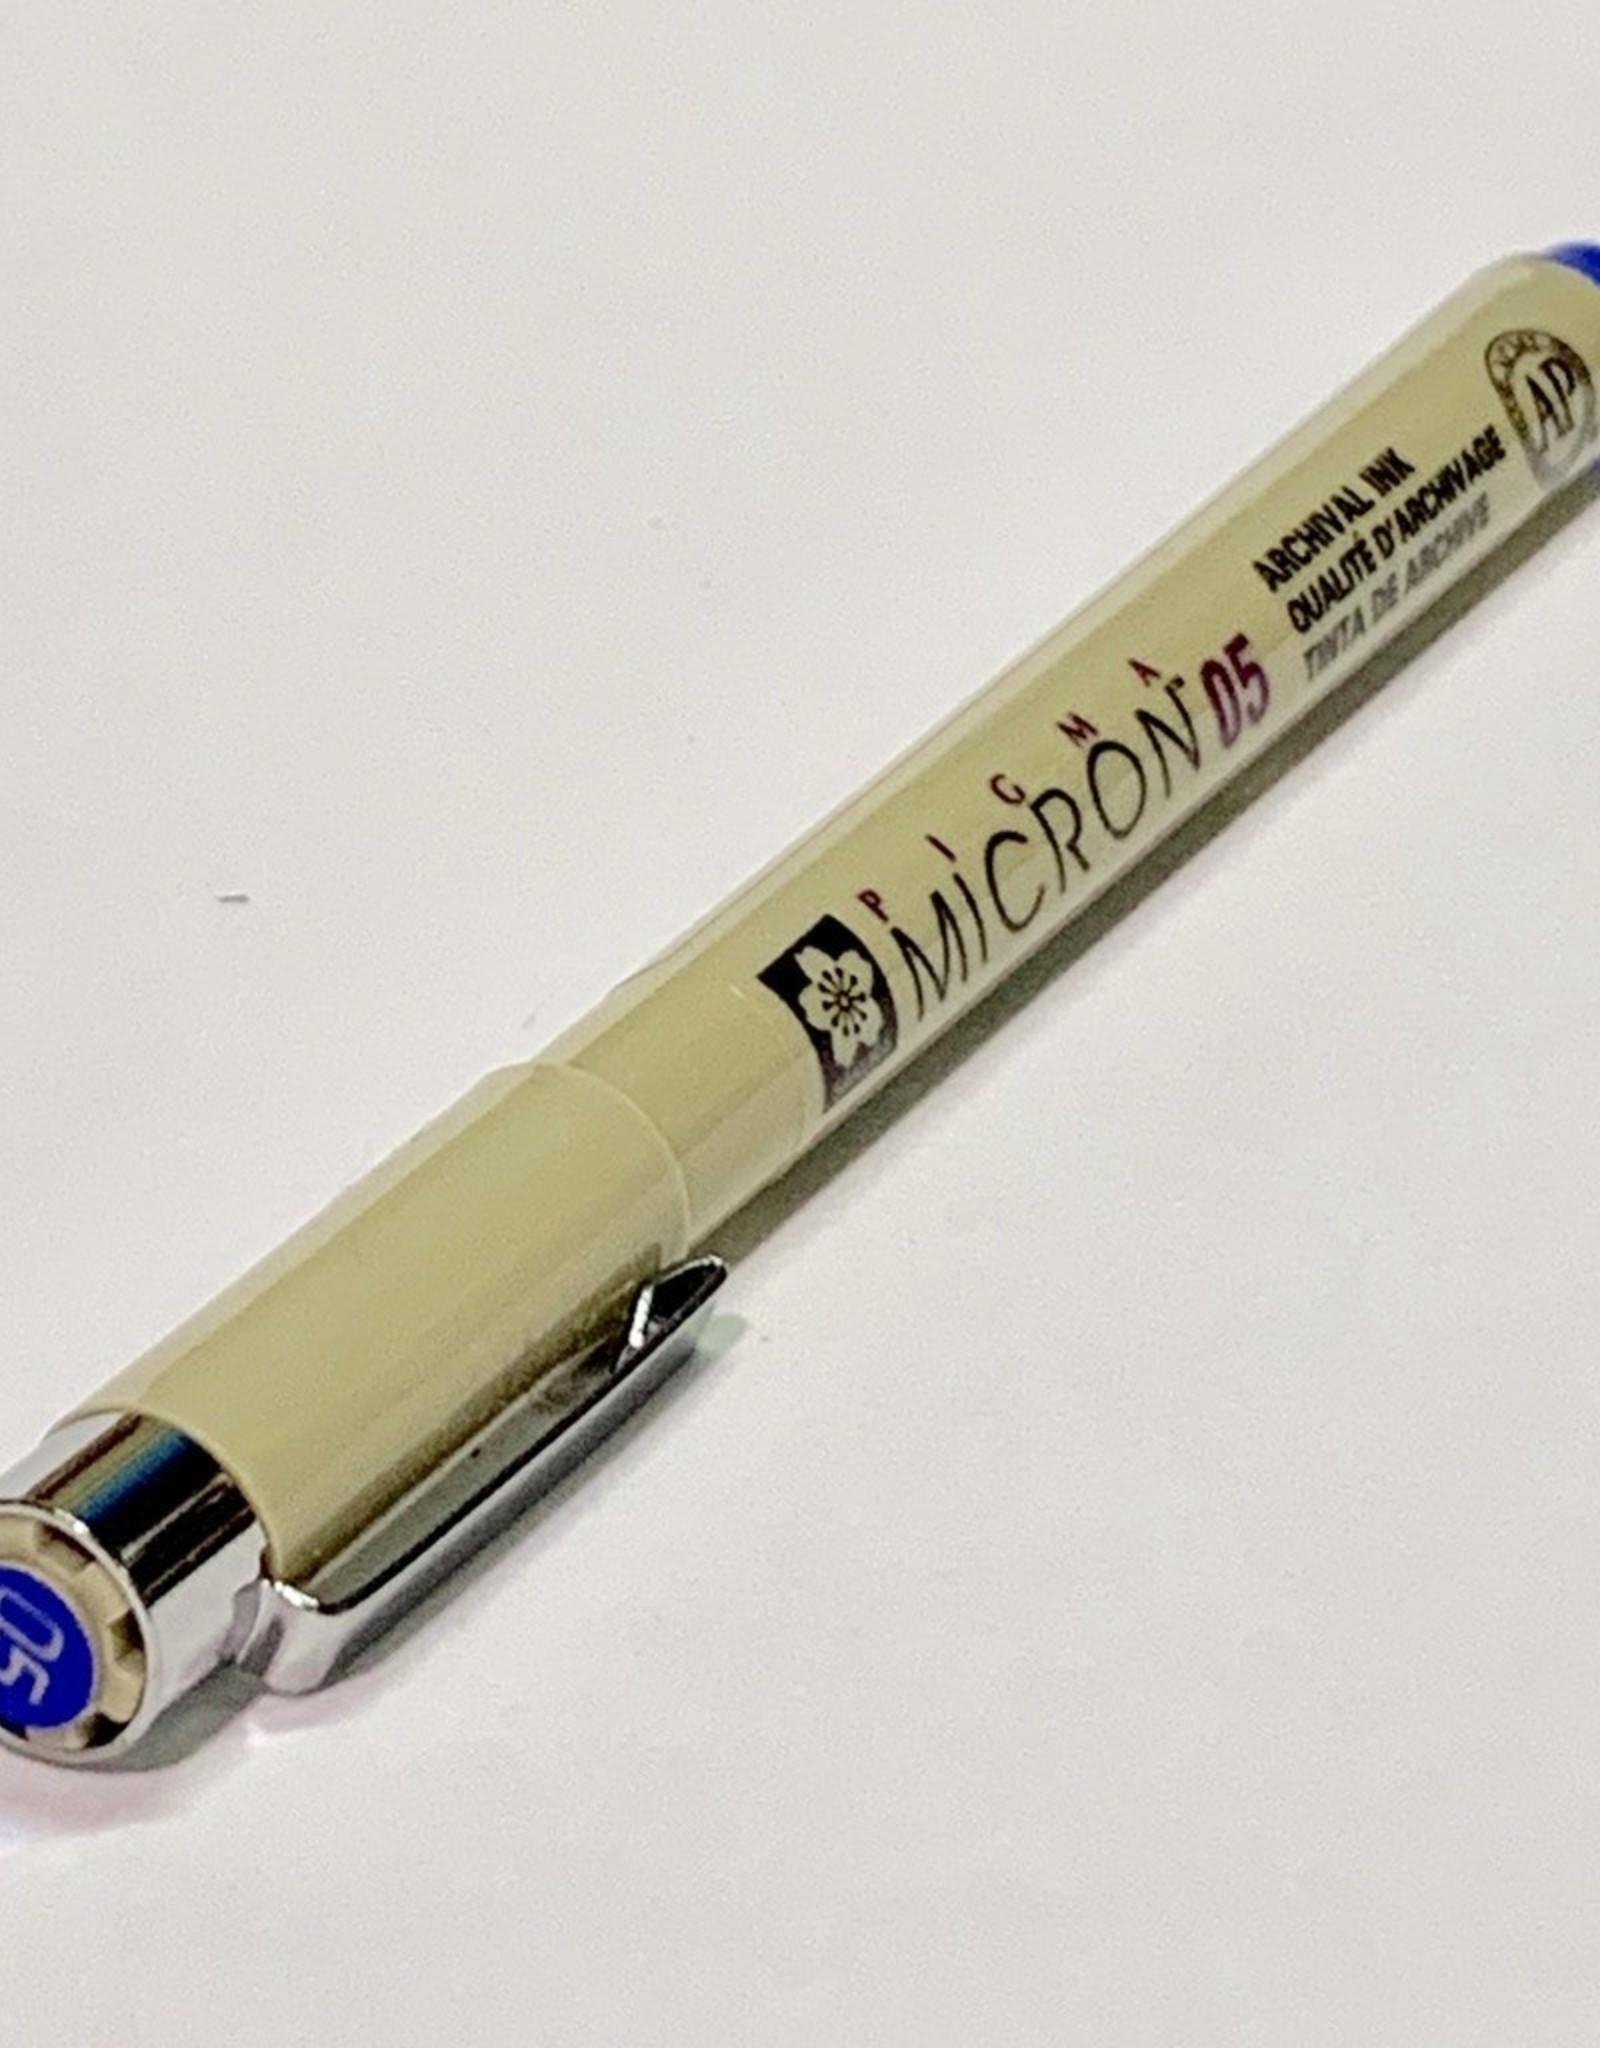 Micron Blue Pen 05 .45mm